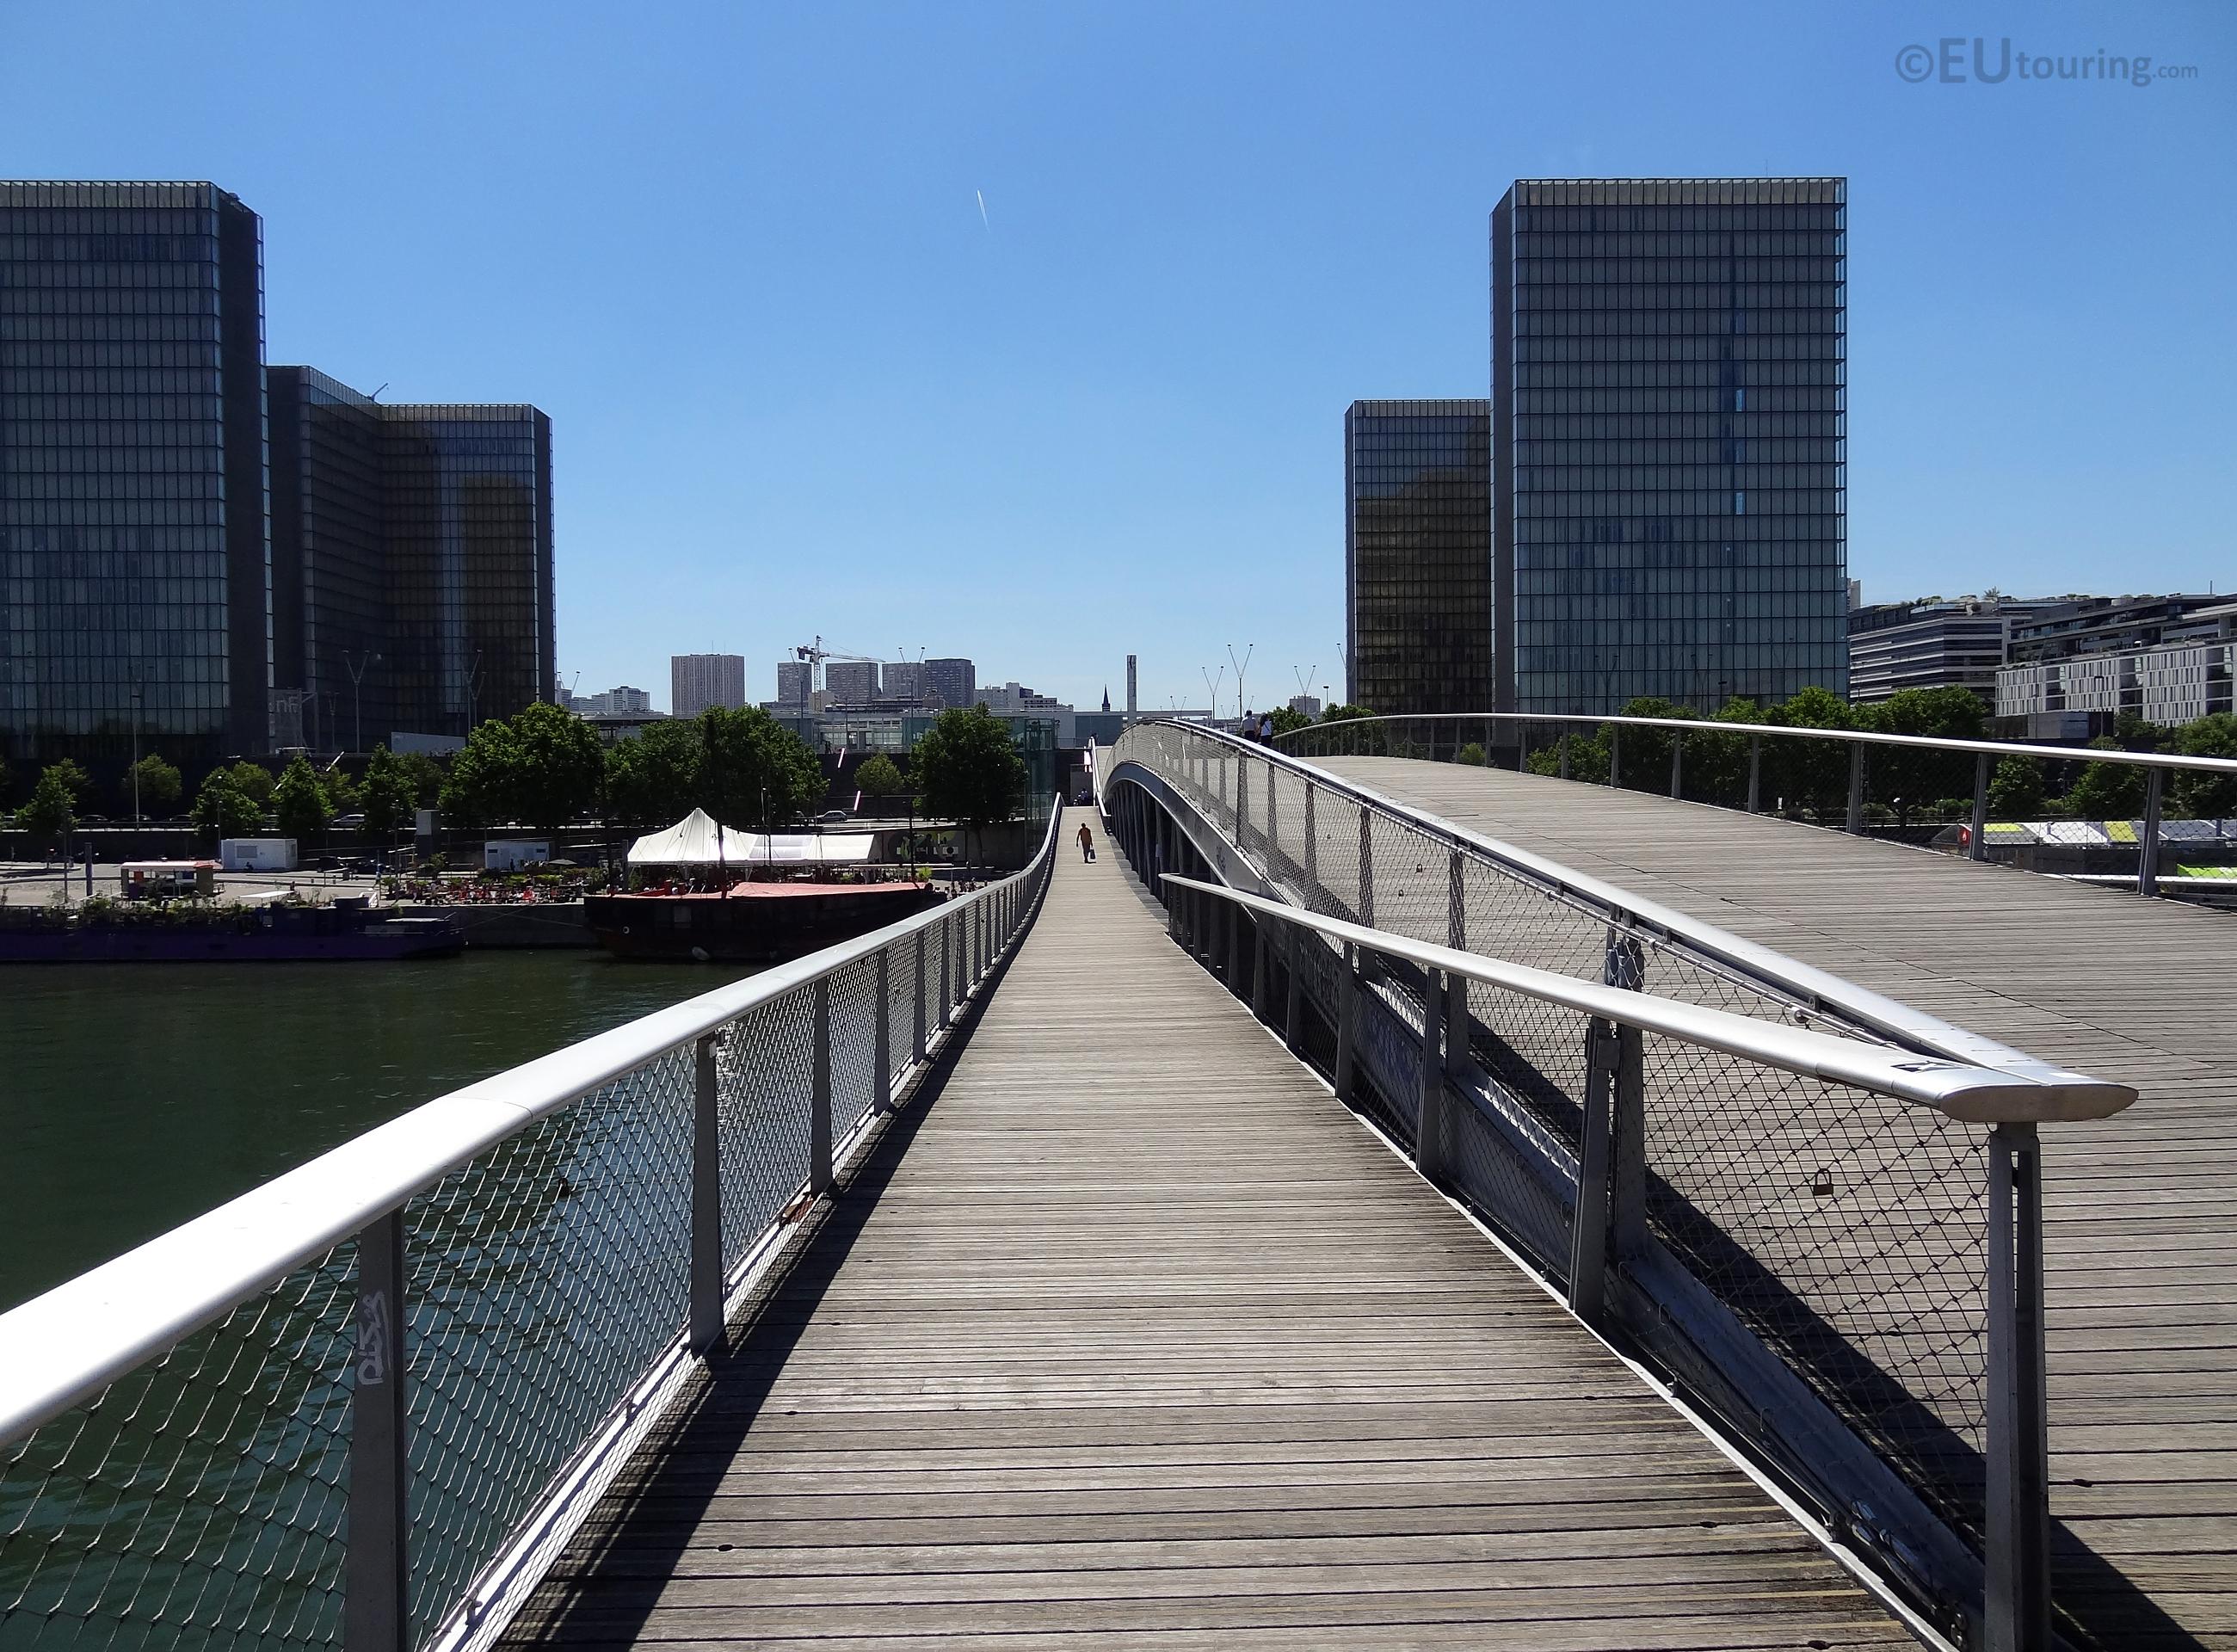 Middle eye of the bridge